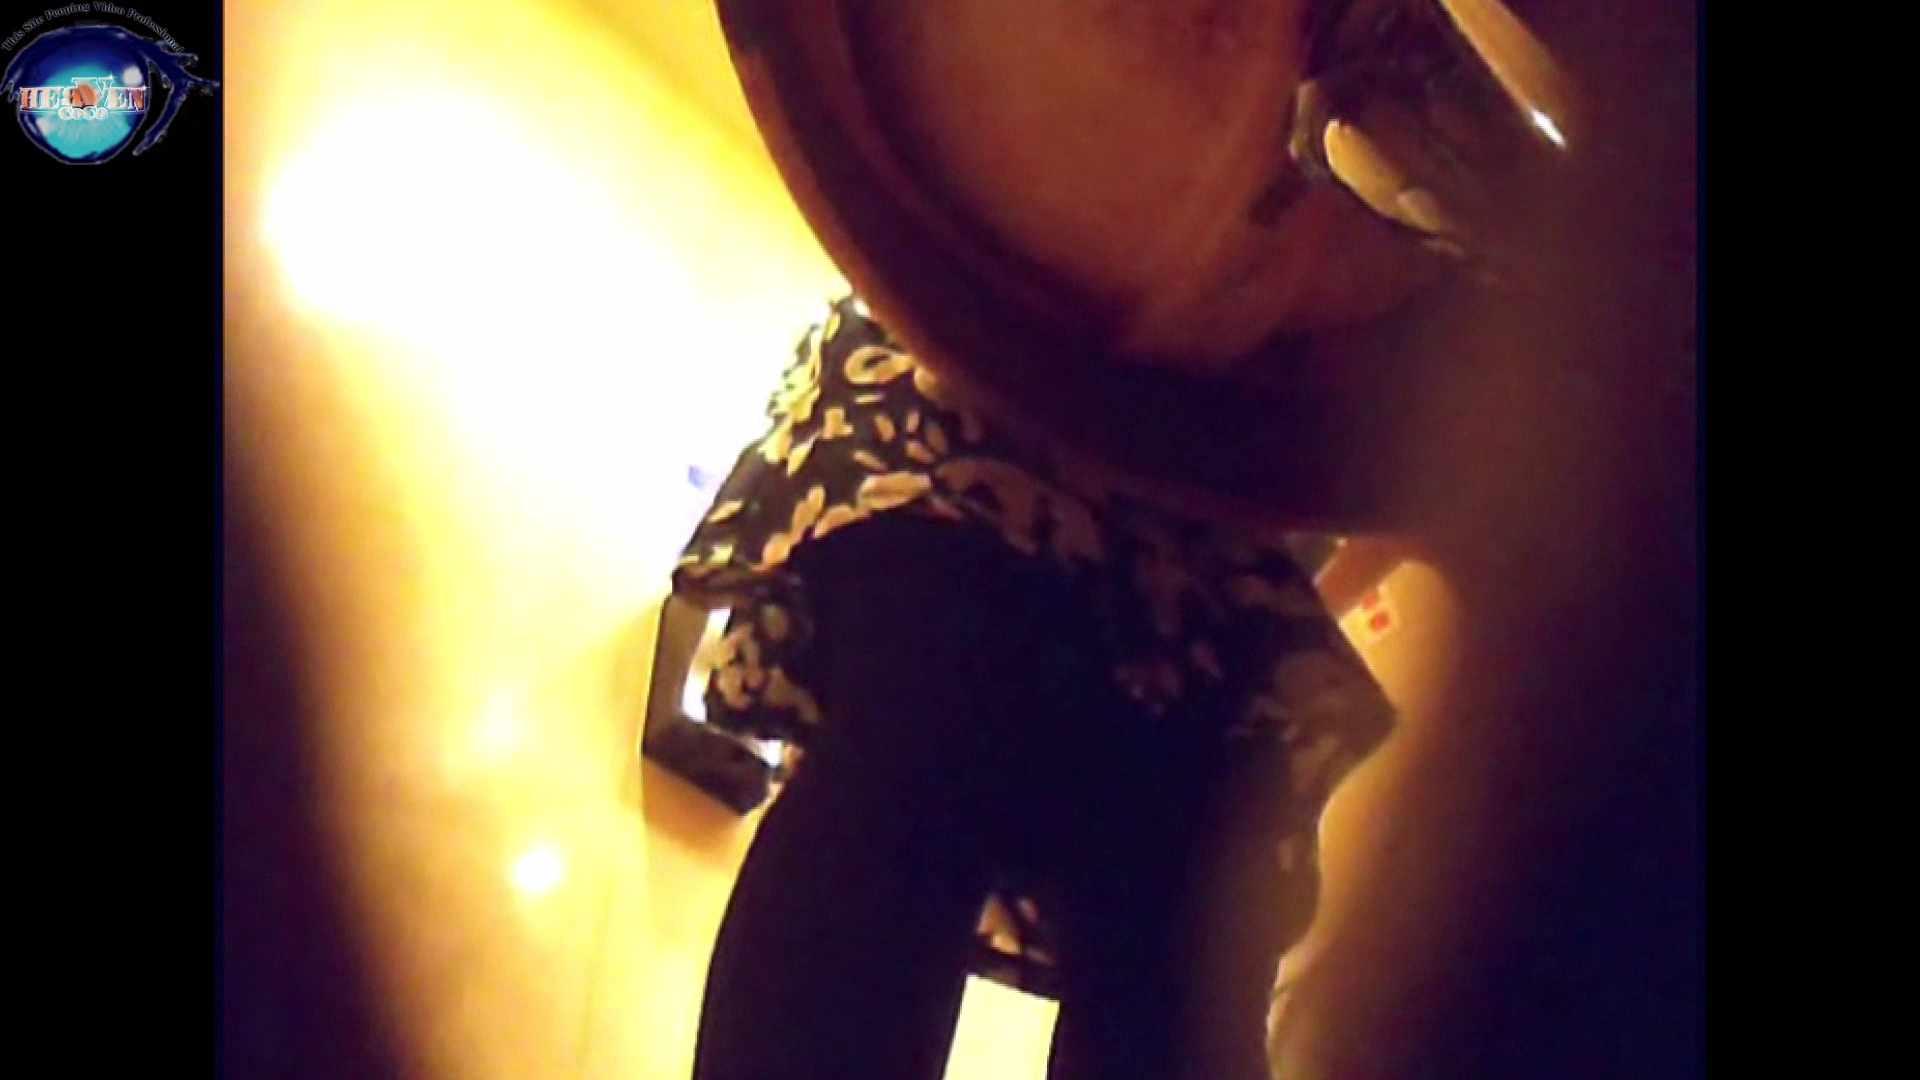 突撃!女子化粧室の真実vol.23 OLエロ画像 盗み撮りオマンコ動画キャプチャ 32PICs 22